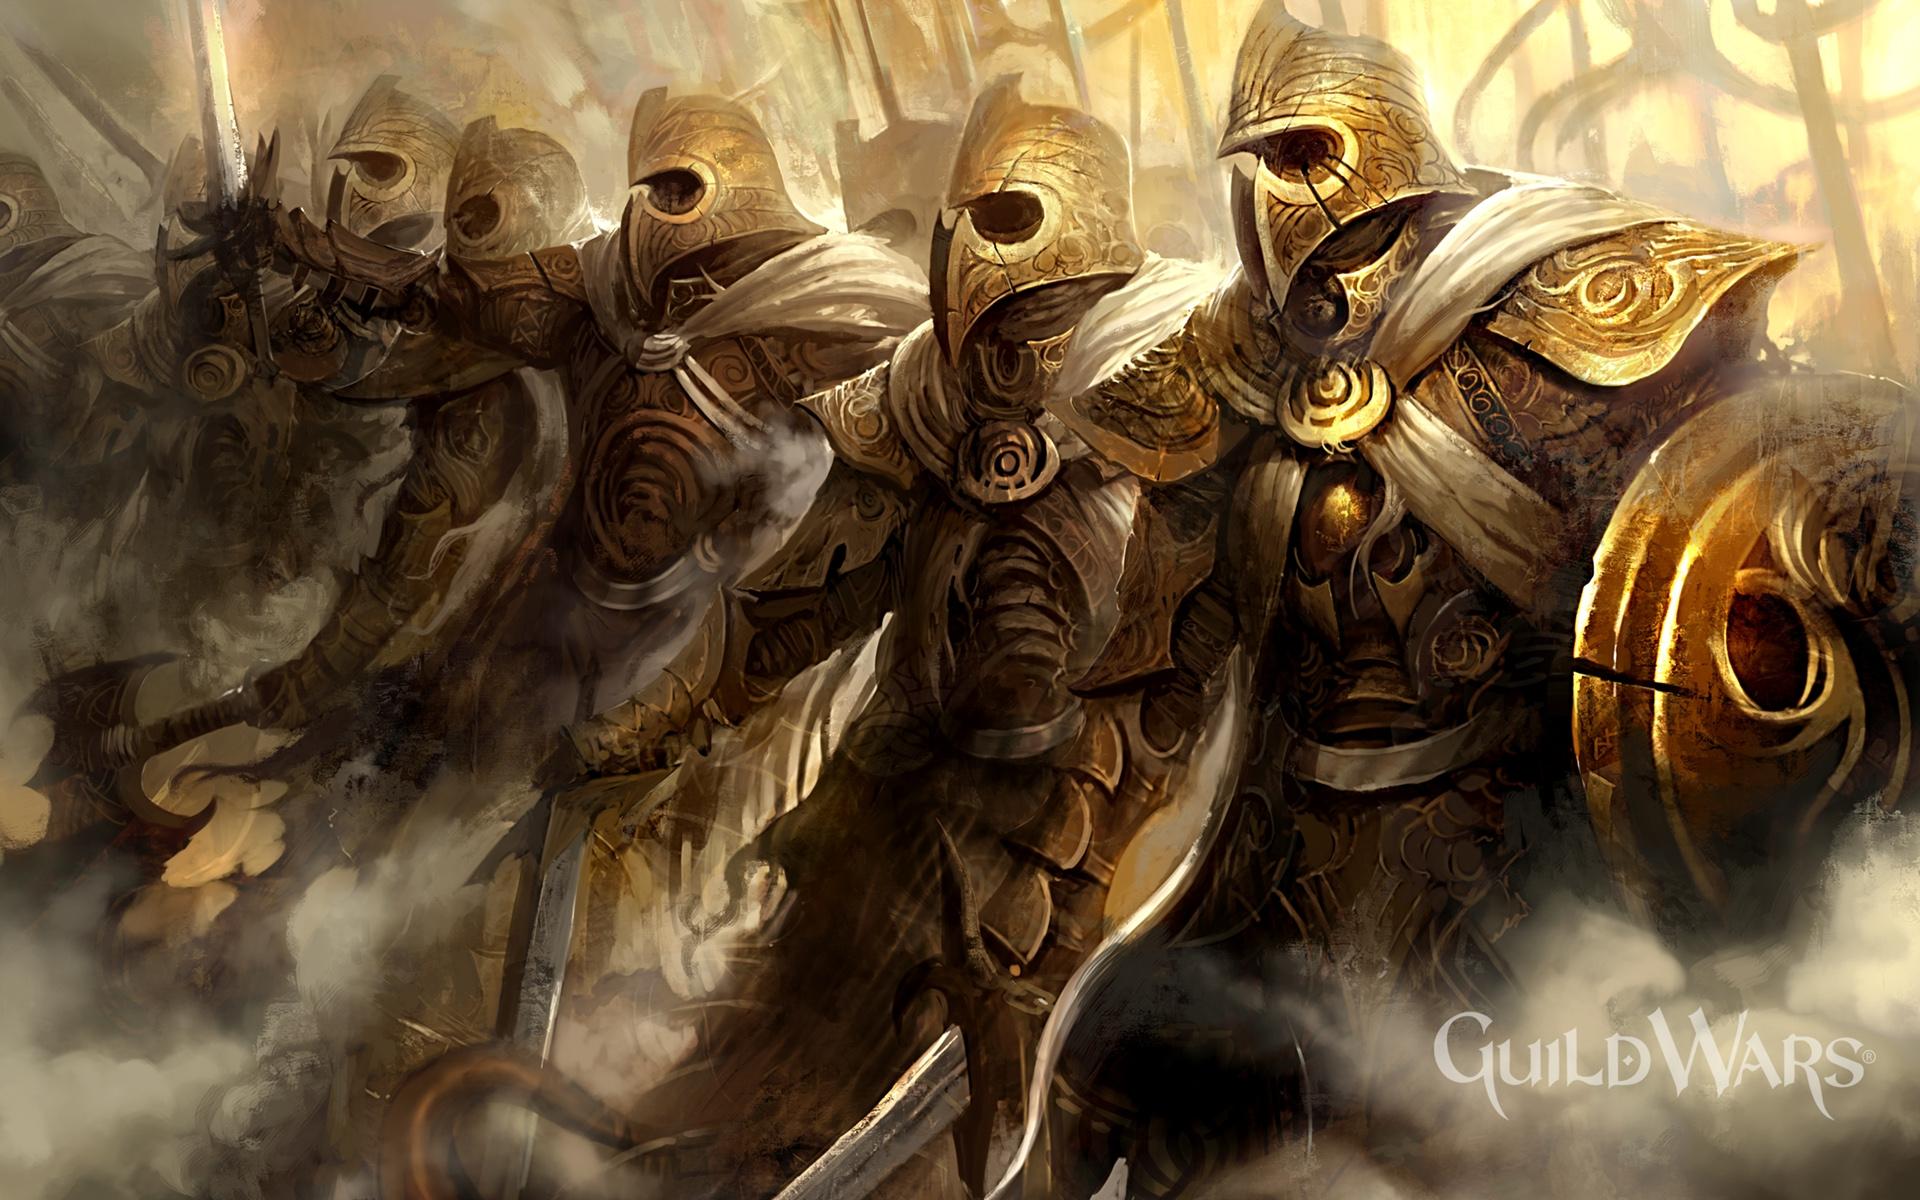 армия воинов картинки которую